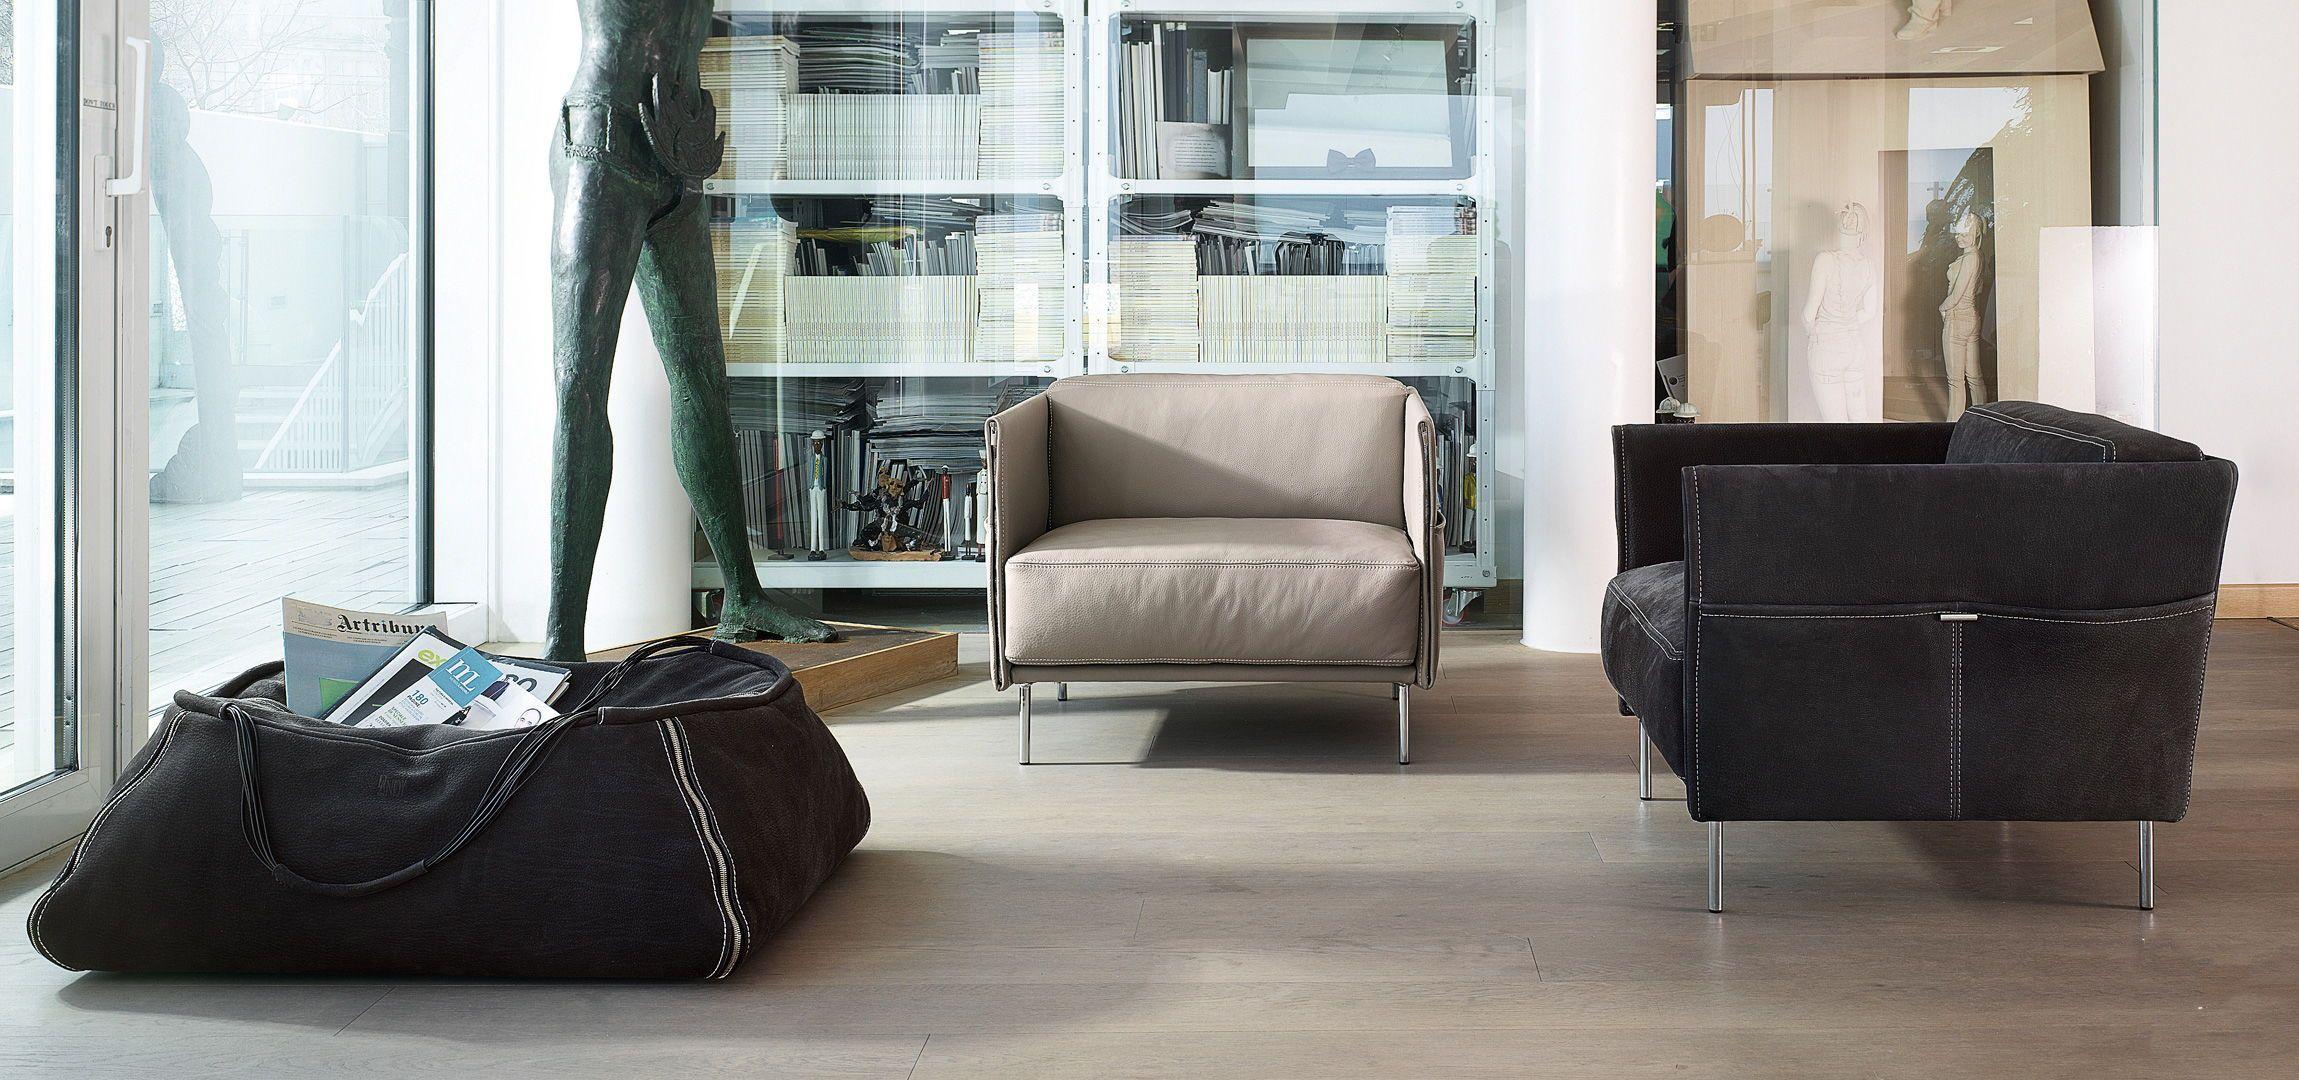 Trench Gamma Arredamenti Italian Furniture Brands Furniture Deep Seating